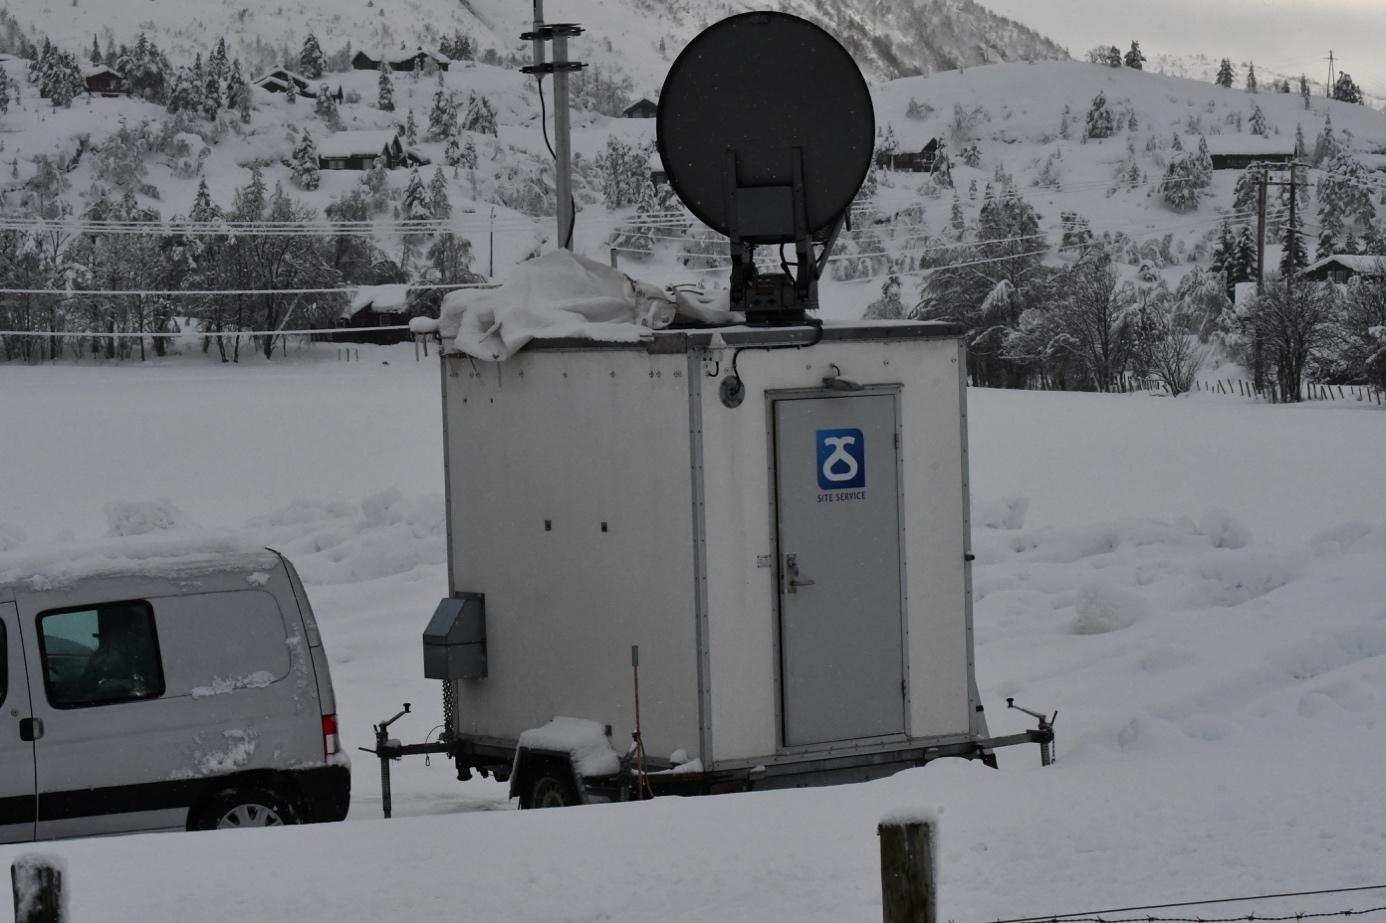 Et bilde som inneholder tekst, utendørs, snø  Automatisk generert beskrivelse